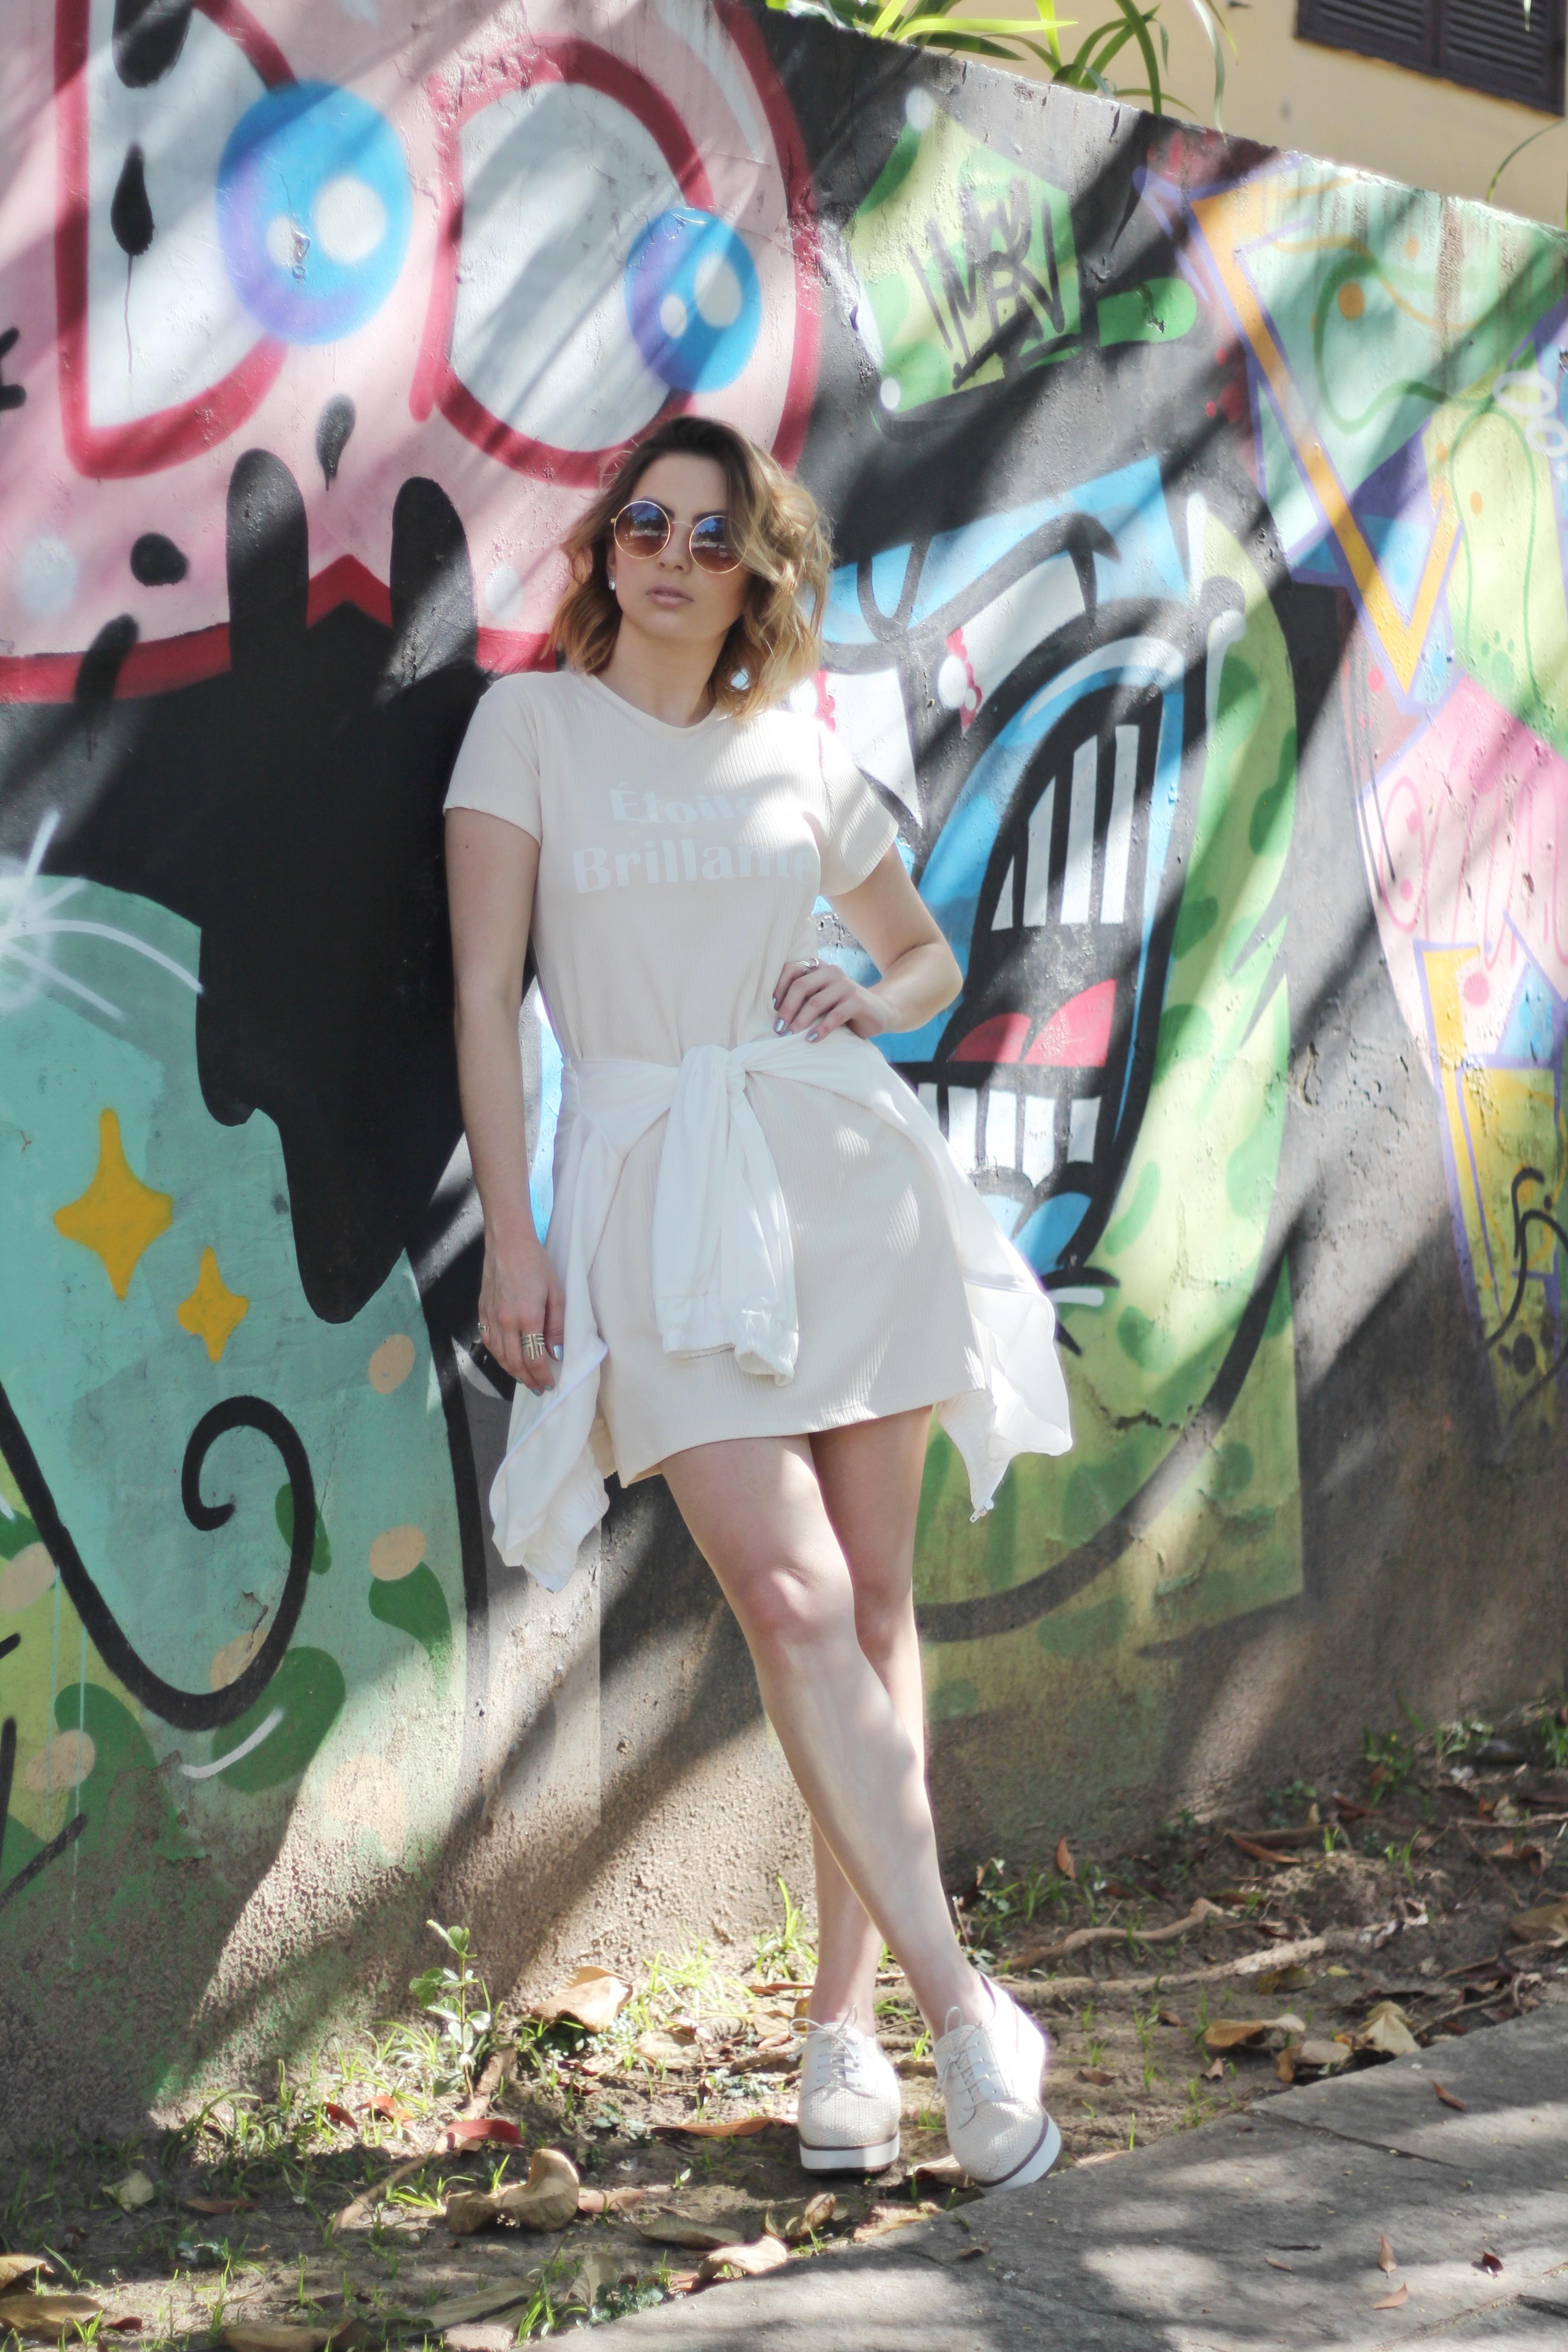 tendencia-verao-2016-vestido-camisao-bomber-blog-vanduarte-xx